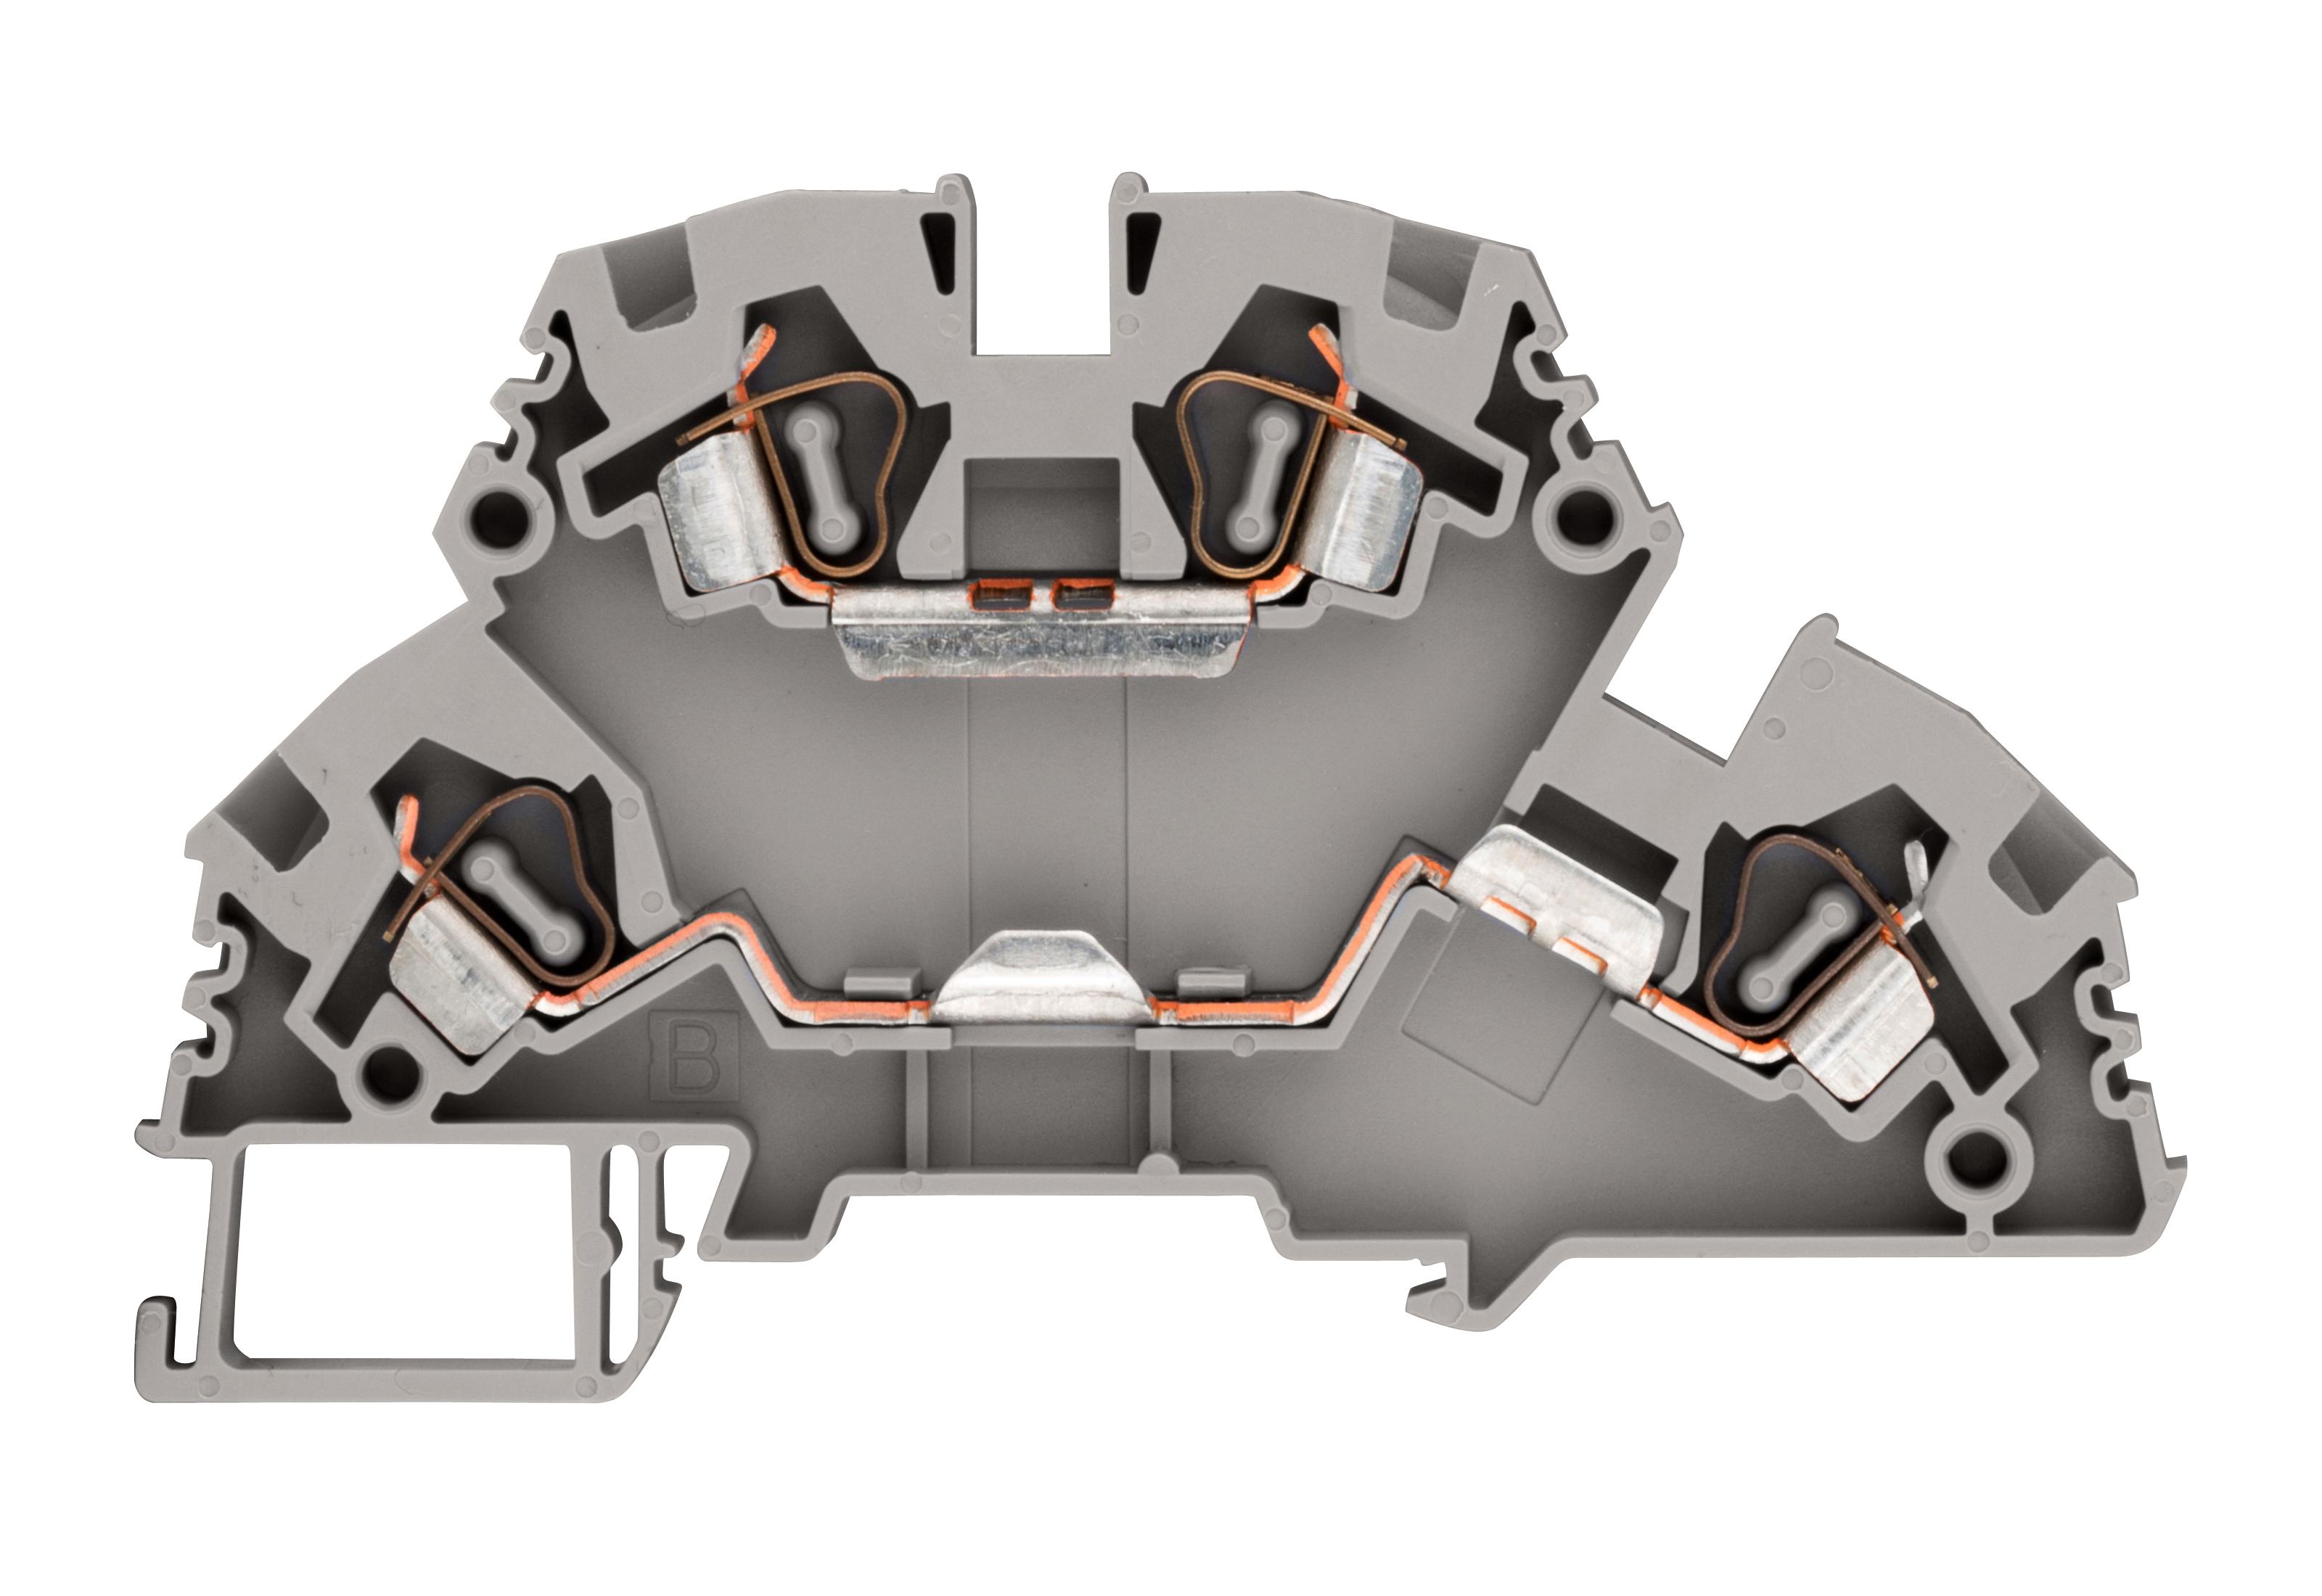 1 Stk Doppelstockklemme 4mm², Type YBK 4 - 2 F grau IK660004--